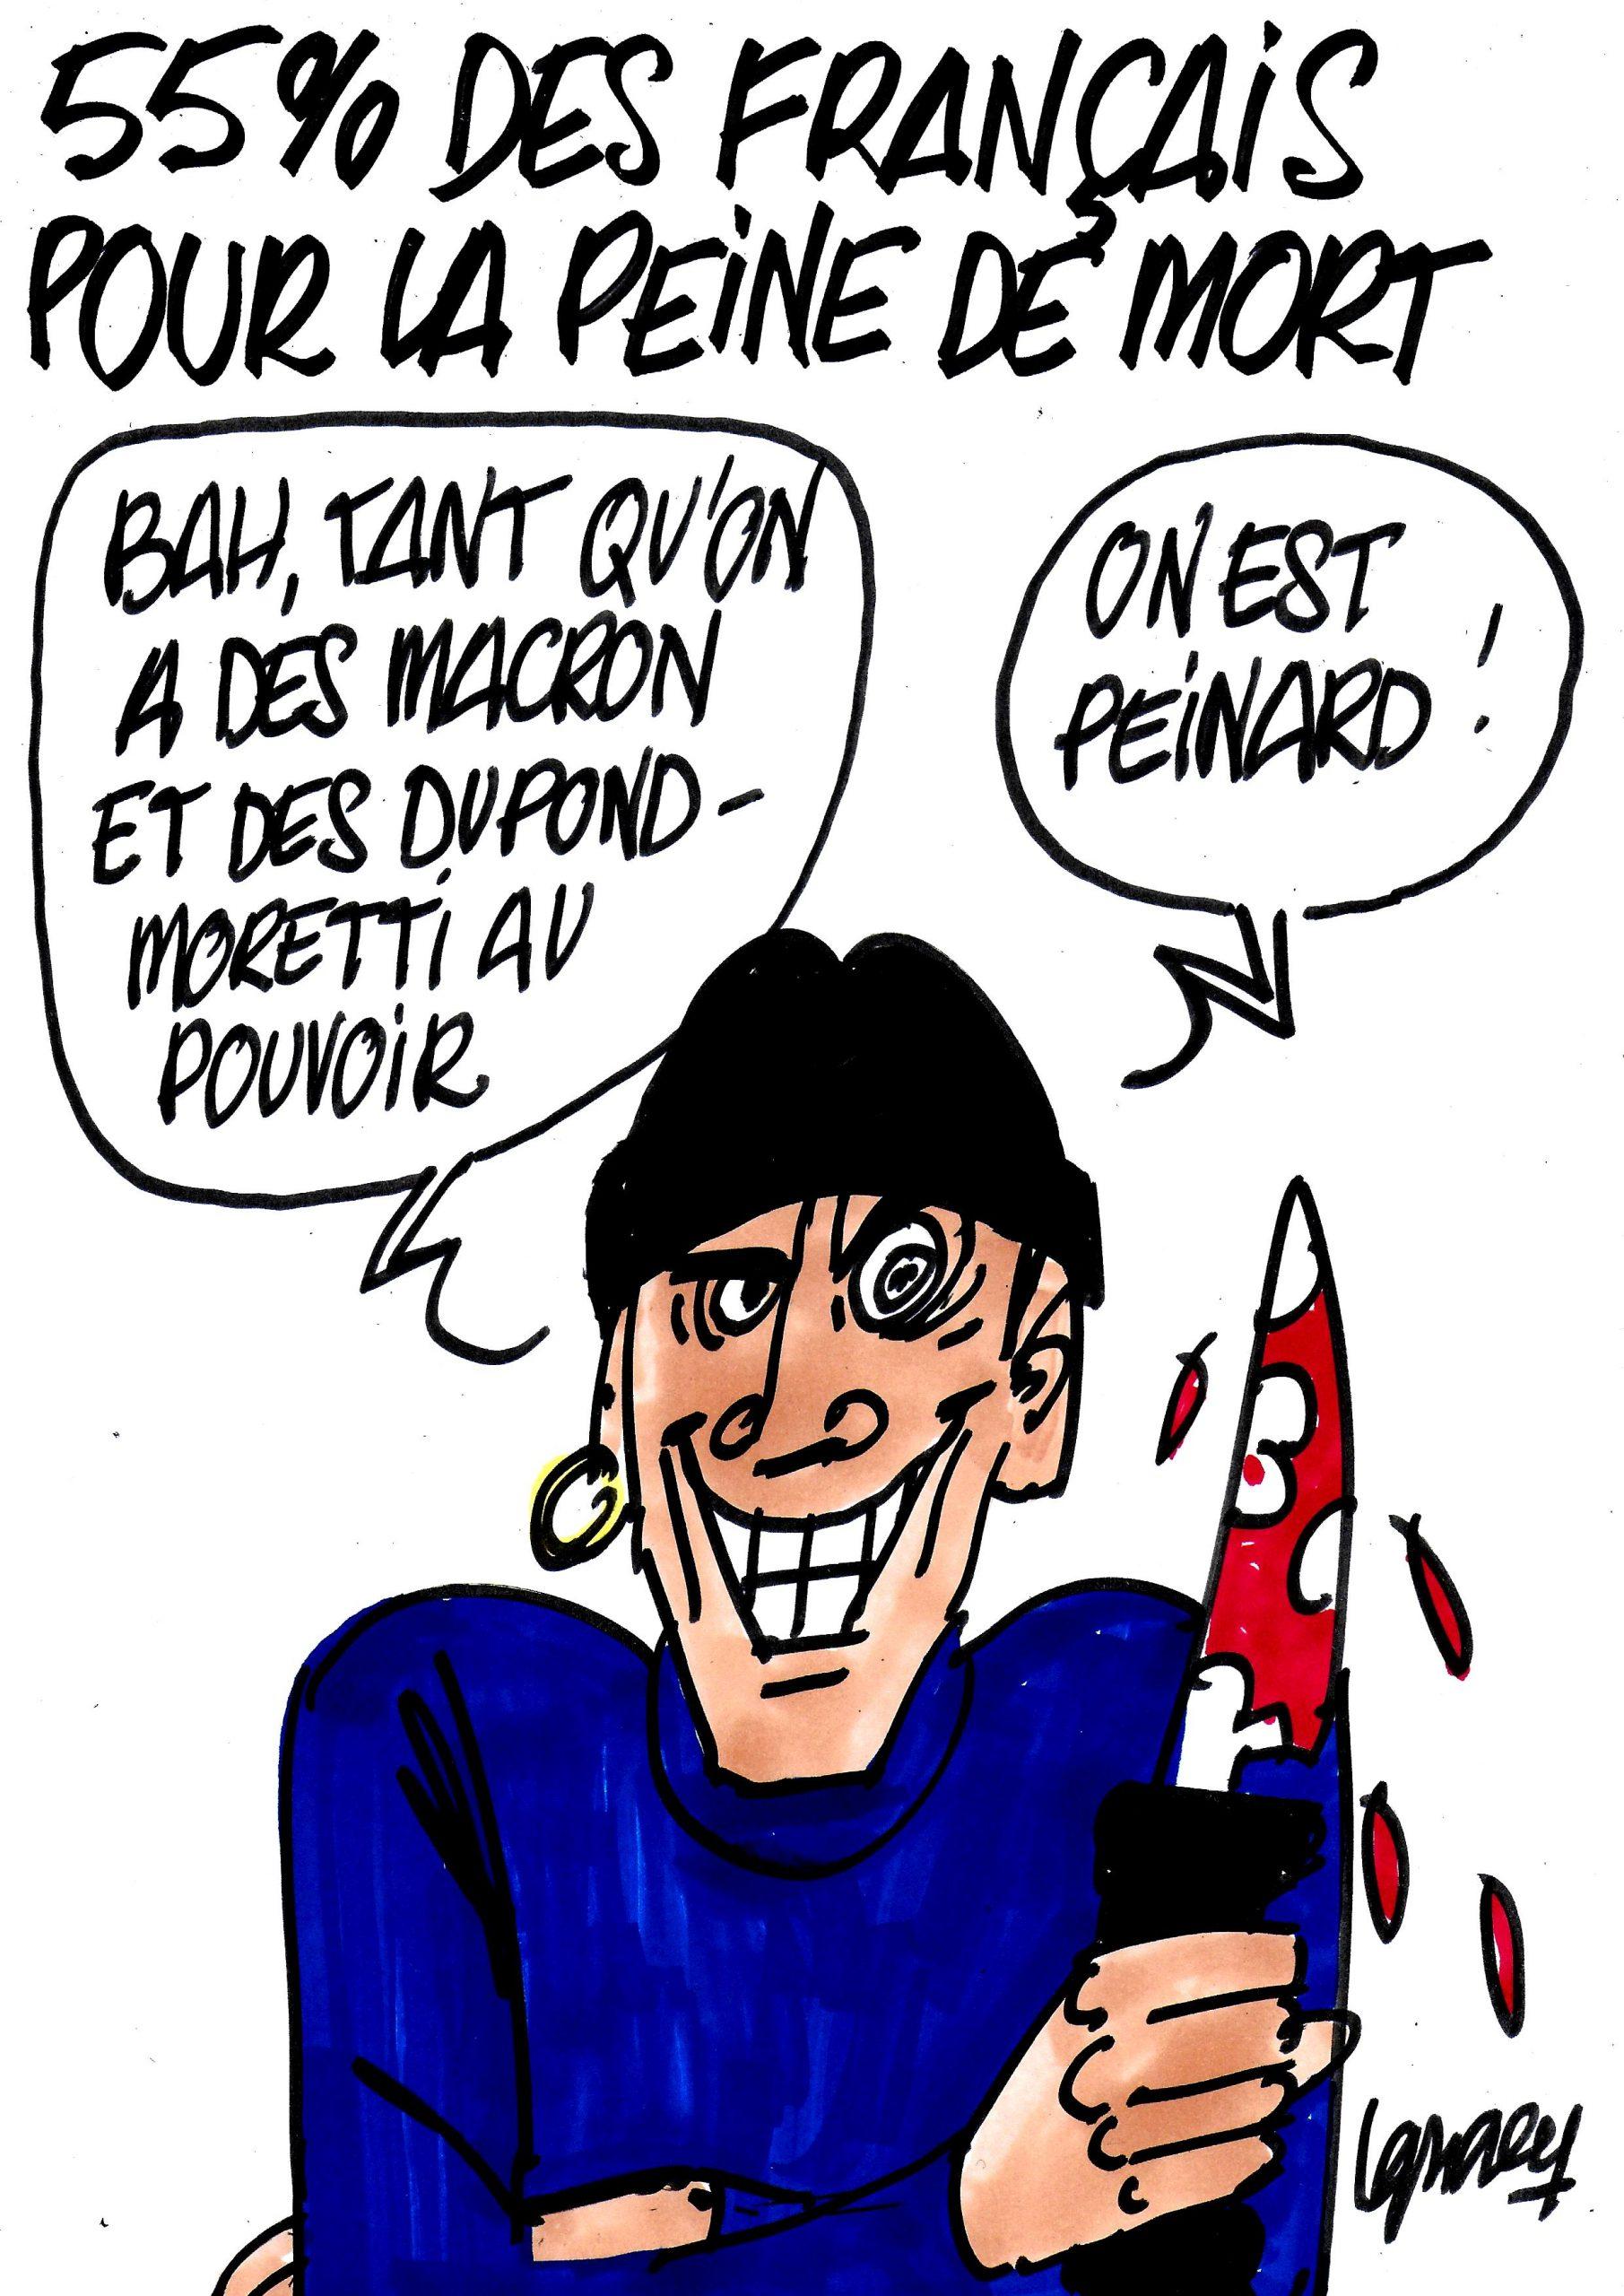 Ignace - 55% des Français favorables à la peine de mort